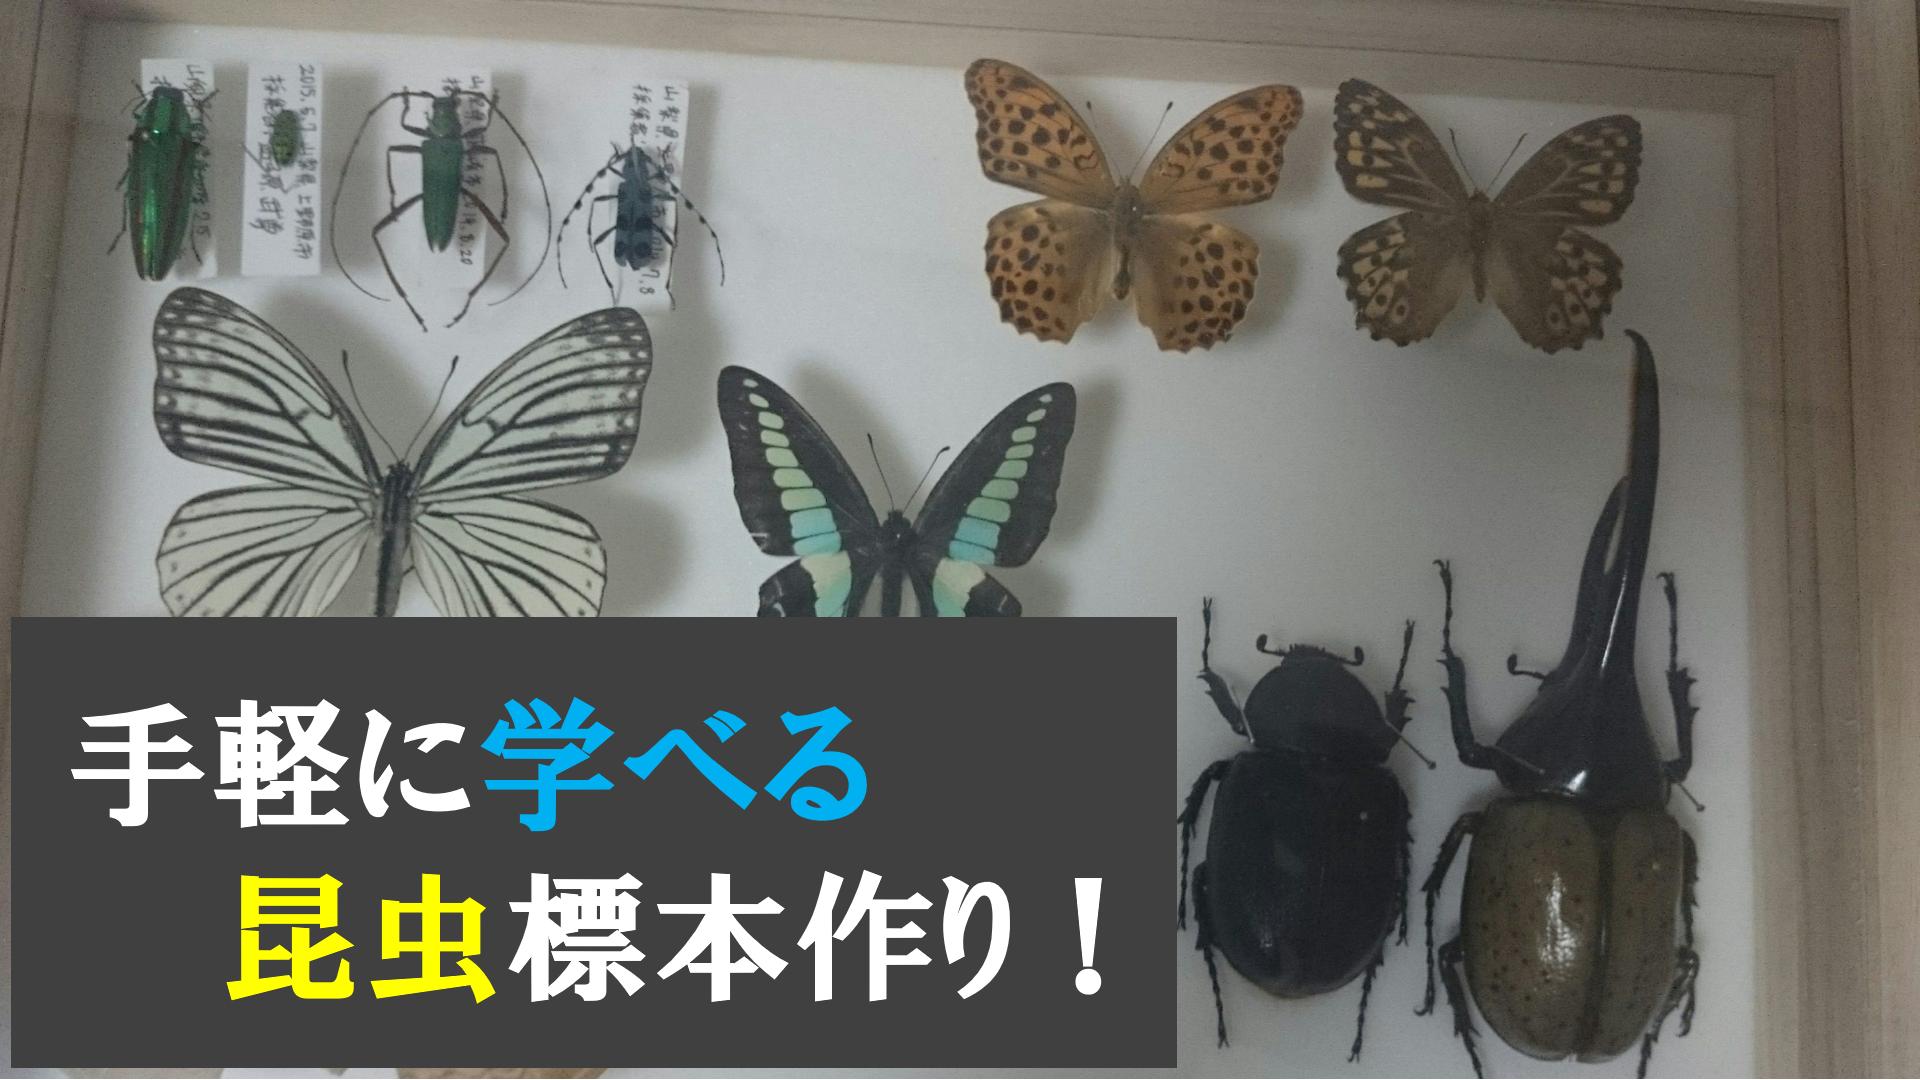 昆虫採集&昆虫標本作成プログラム開催します!